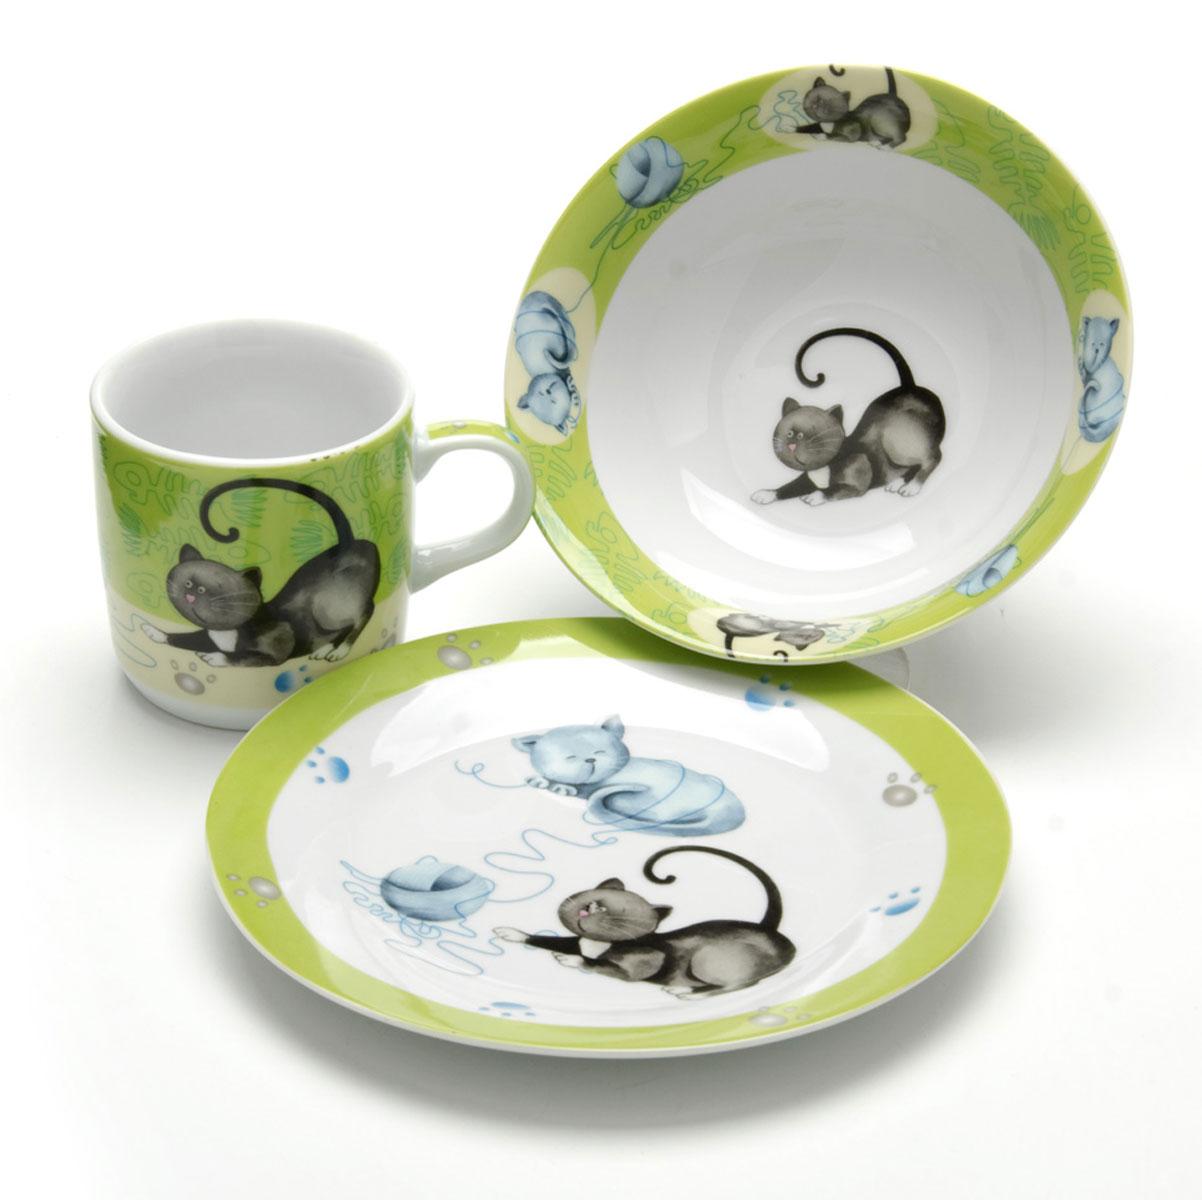 Набор детской посуды Loraine Кошка, 3 предмета26092